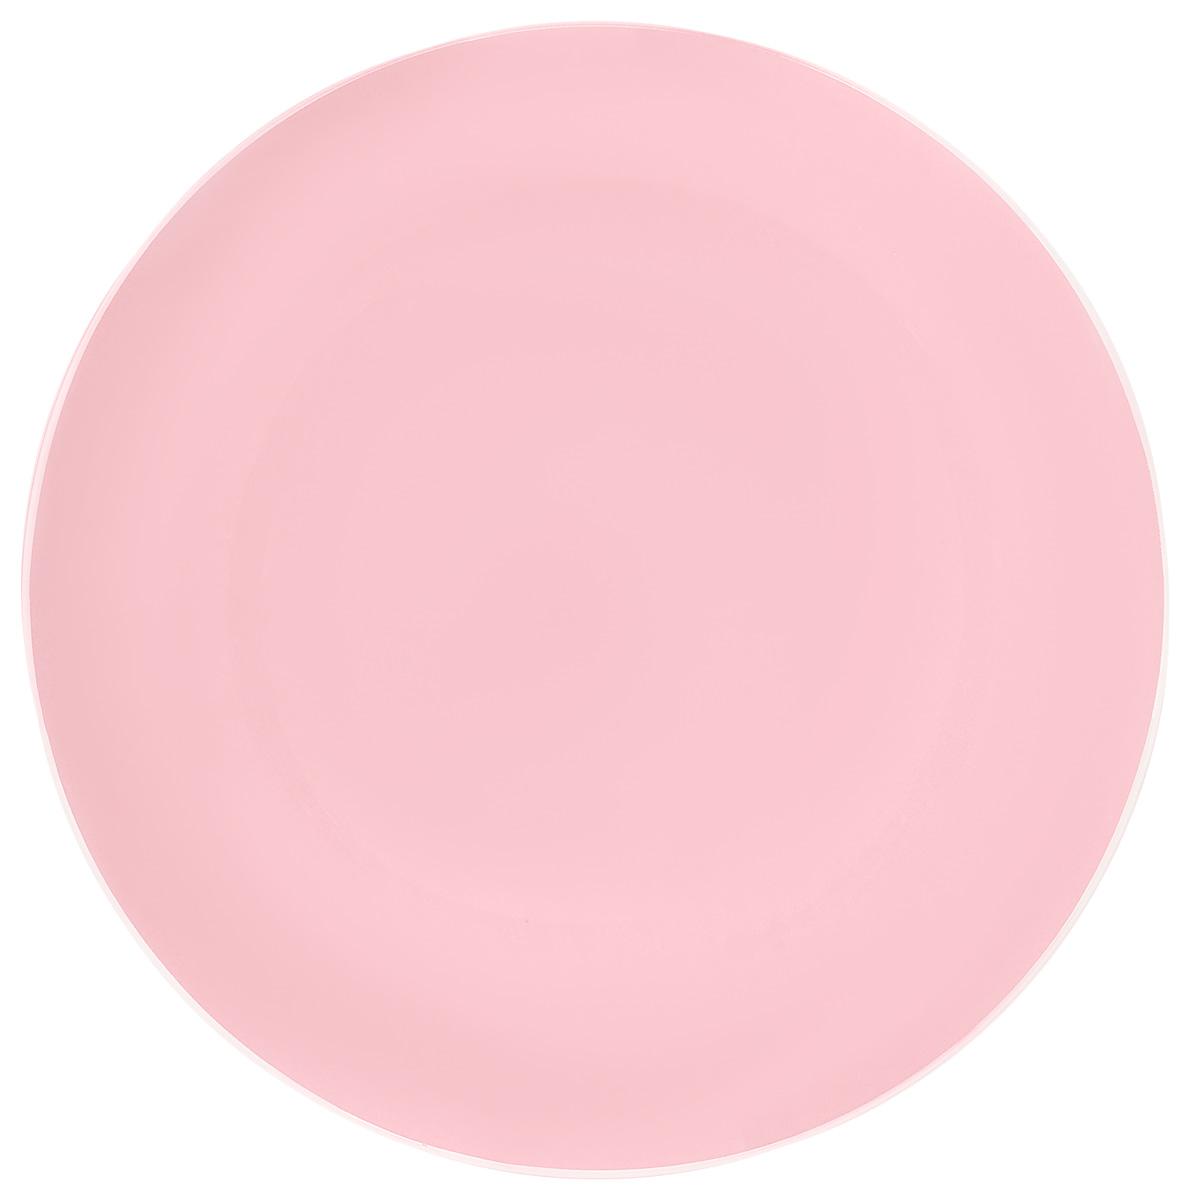 Тарелка NiNaGlass Палитра, цвет: розовый, диаметр 30 см85-300-125псрТарелка NiNaGlass Палитра выполнена из высококачественного стекла яркий насыщенный цвет. Тарелка идеальна для подачи вторых блюд, а также сервировки закусок, нарезок, салатов, овощей и фруктов. Она отлично подойдет как для повседневных, так и для торжественных случаев. Такая тарелка прекрасно впишется в интерьер вашей кухни и станет достойным дополнением к кухонному инвентарю.